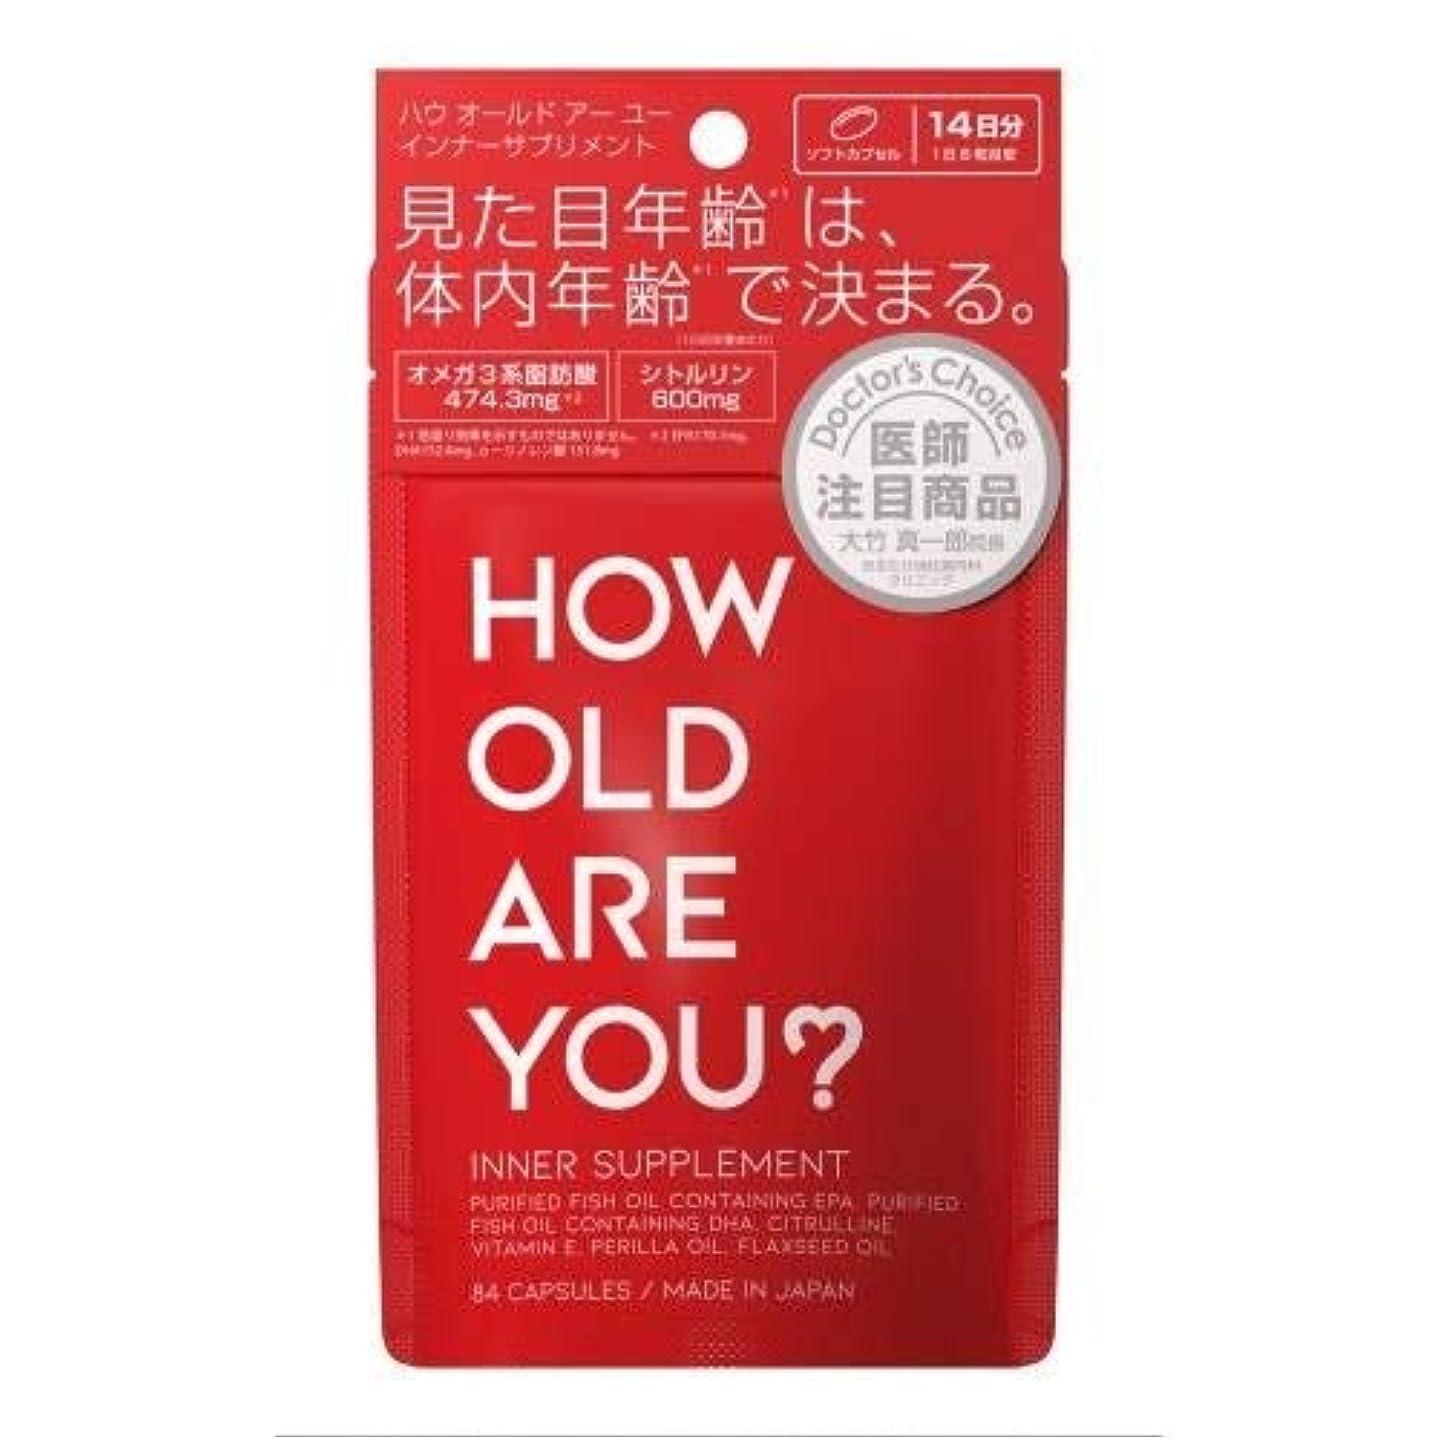 血統キネマティクス生息地【3個セット】HOW OLD ARE YOU?インナーサプリメント 84粒